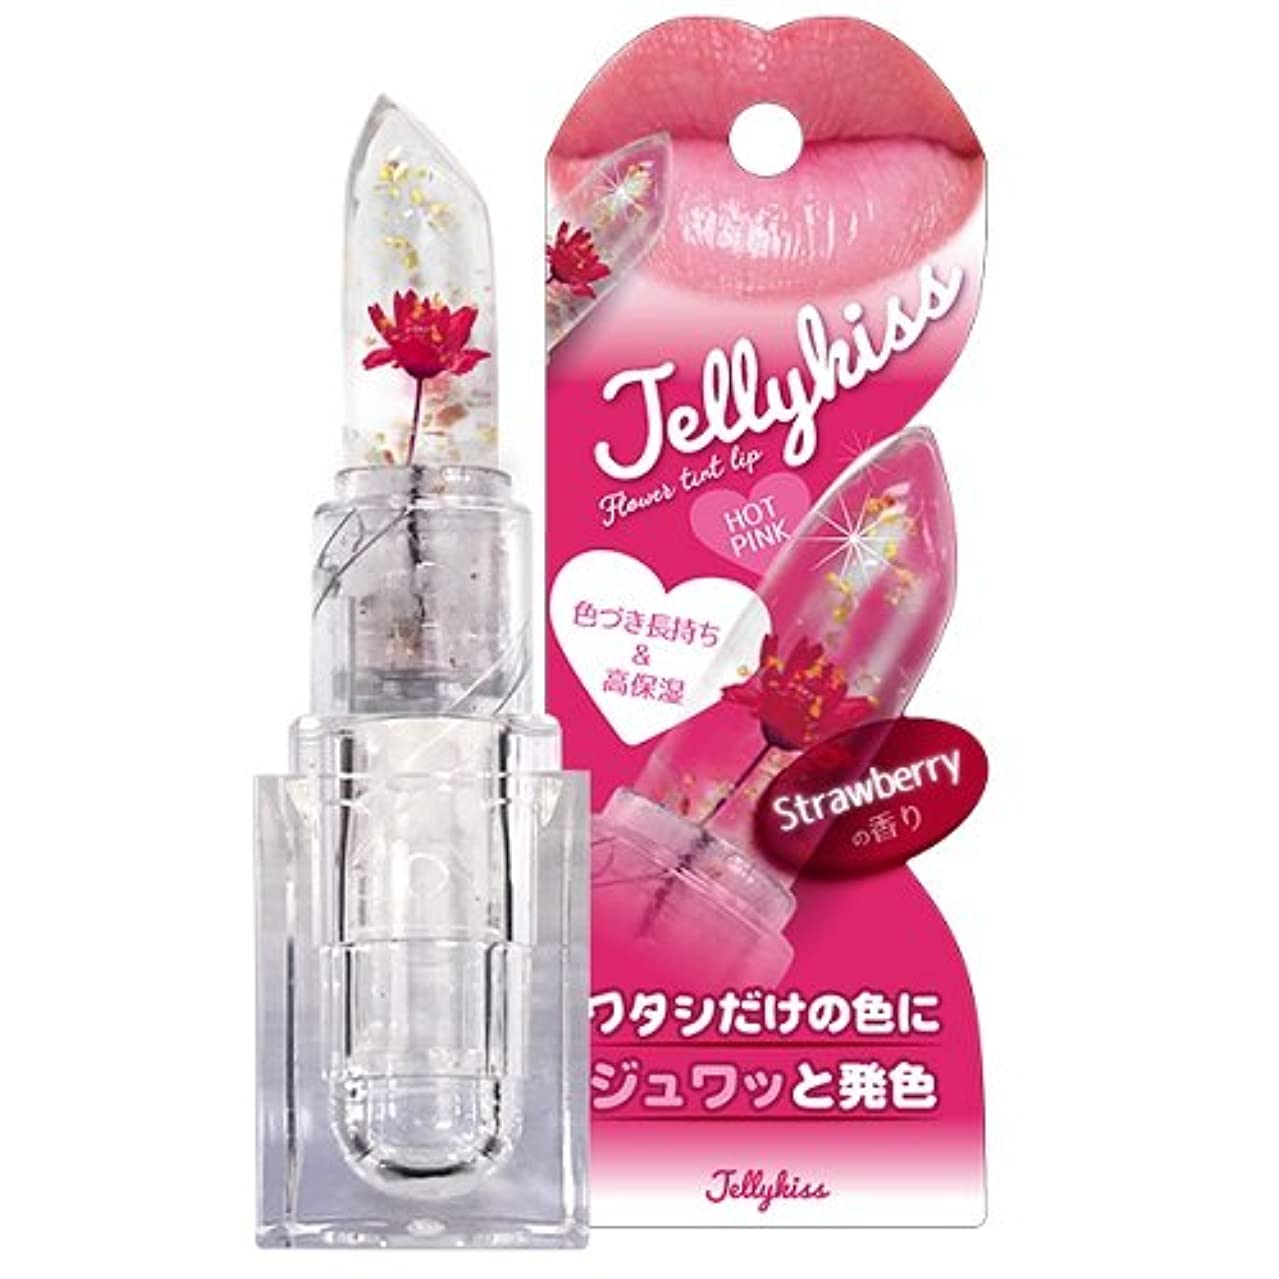 失礼優遇すずめジェリキス (Jelly kiss) 01 ホットピンク 3.5g